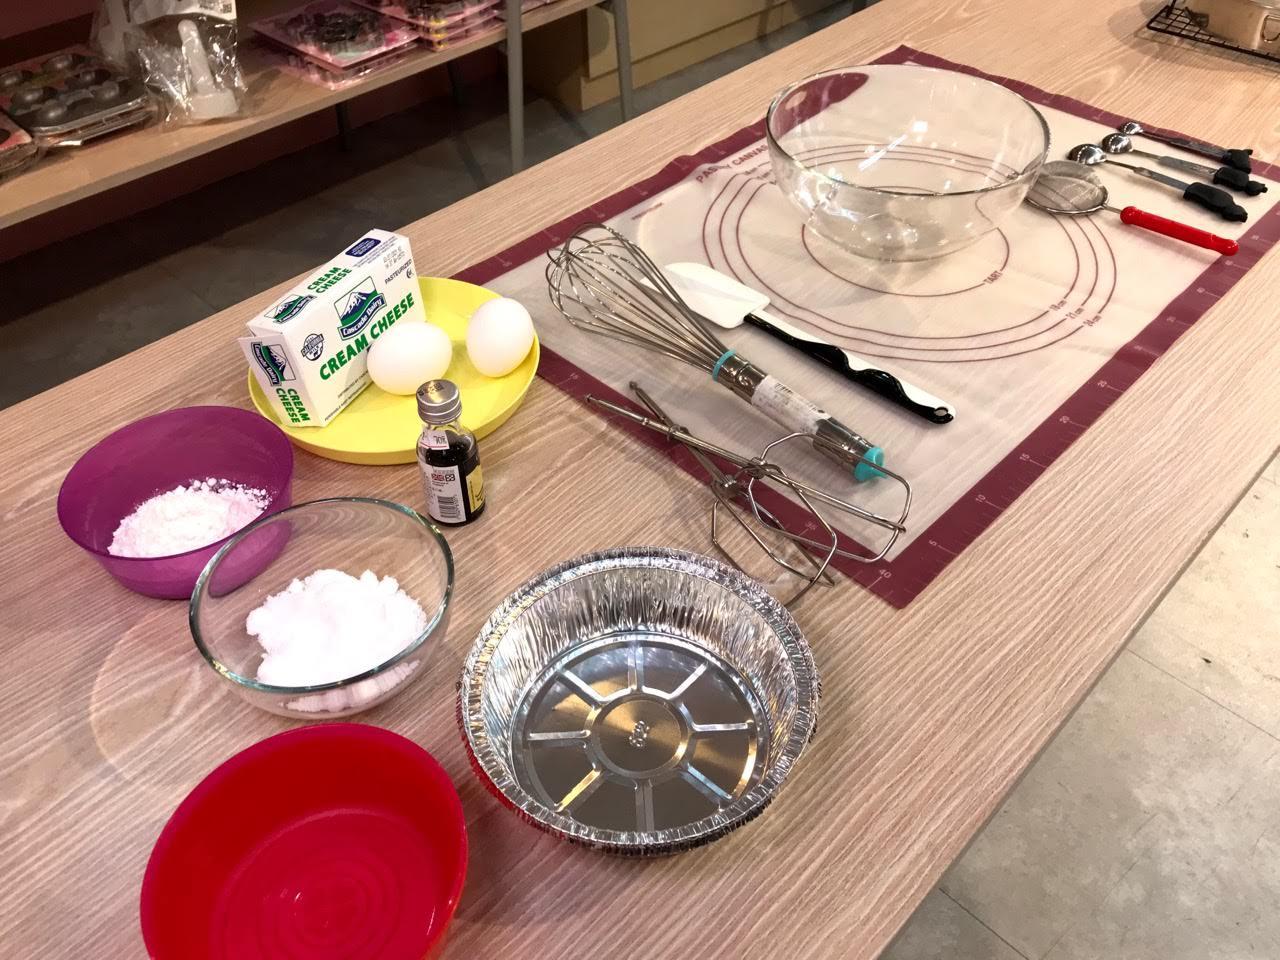 【台南 中西區】熊愛趣烘焙材料器具 特有的食演教室 DIY材料包在家也可以體驗烘焙的樂趣 品項齊全精緻的烘焙周邊 烘焙材料推薦 烘焙教學推薦